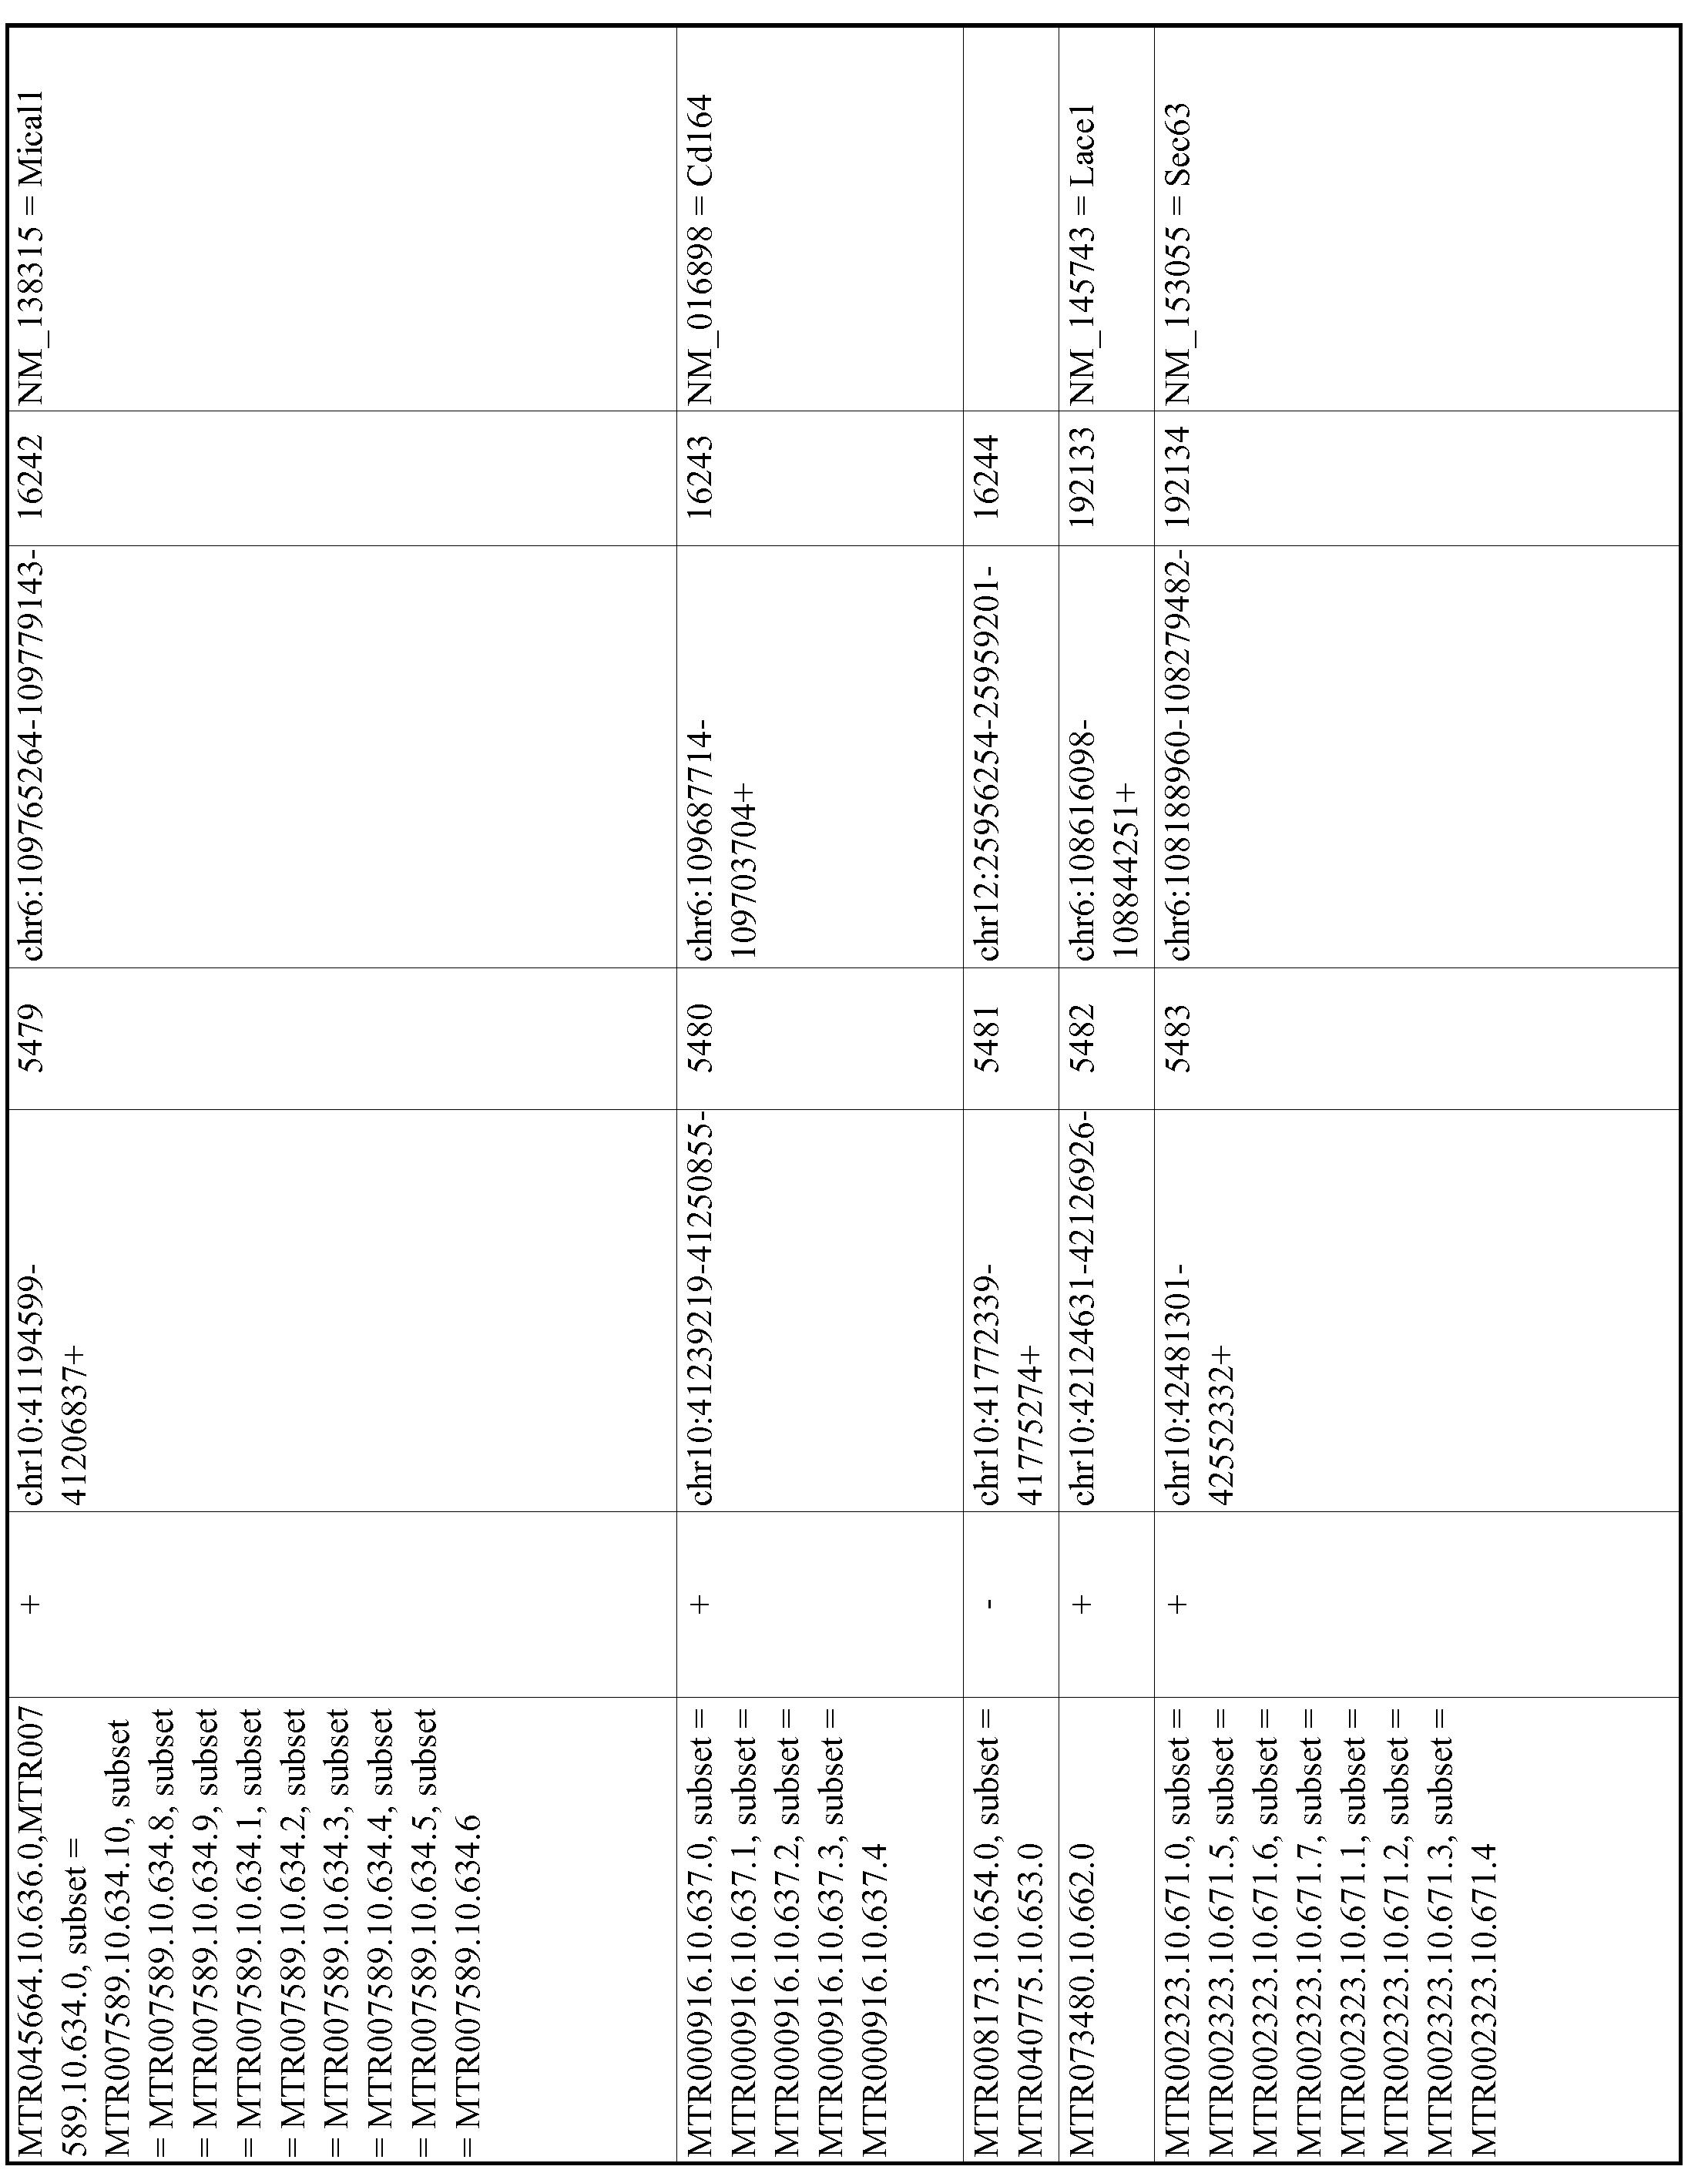 Figure imgf000987_0001